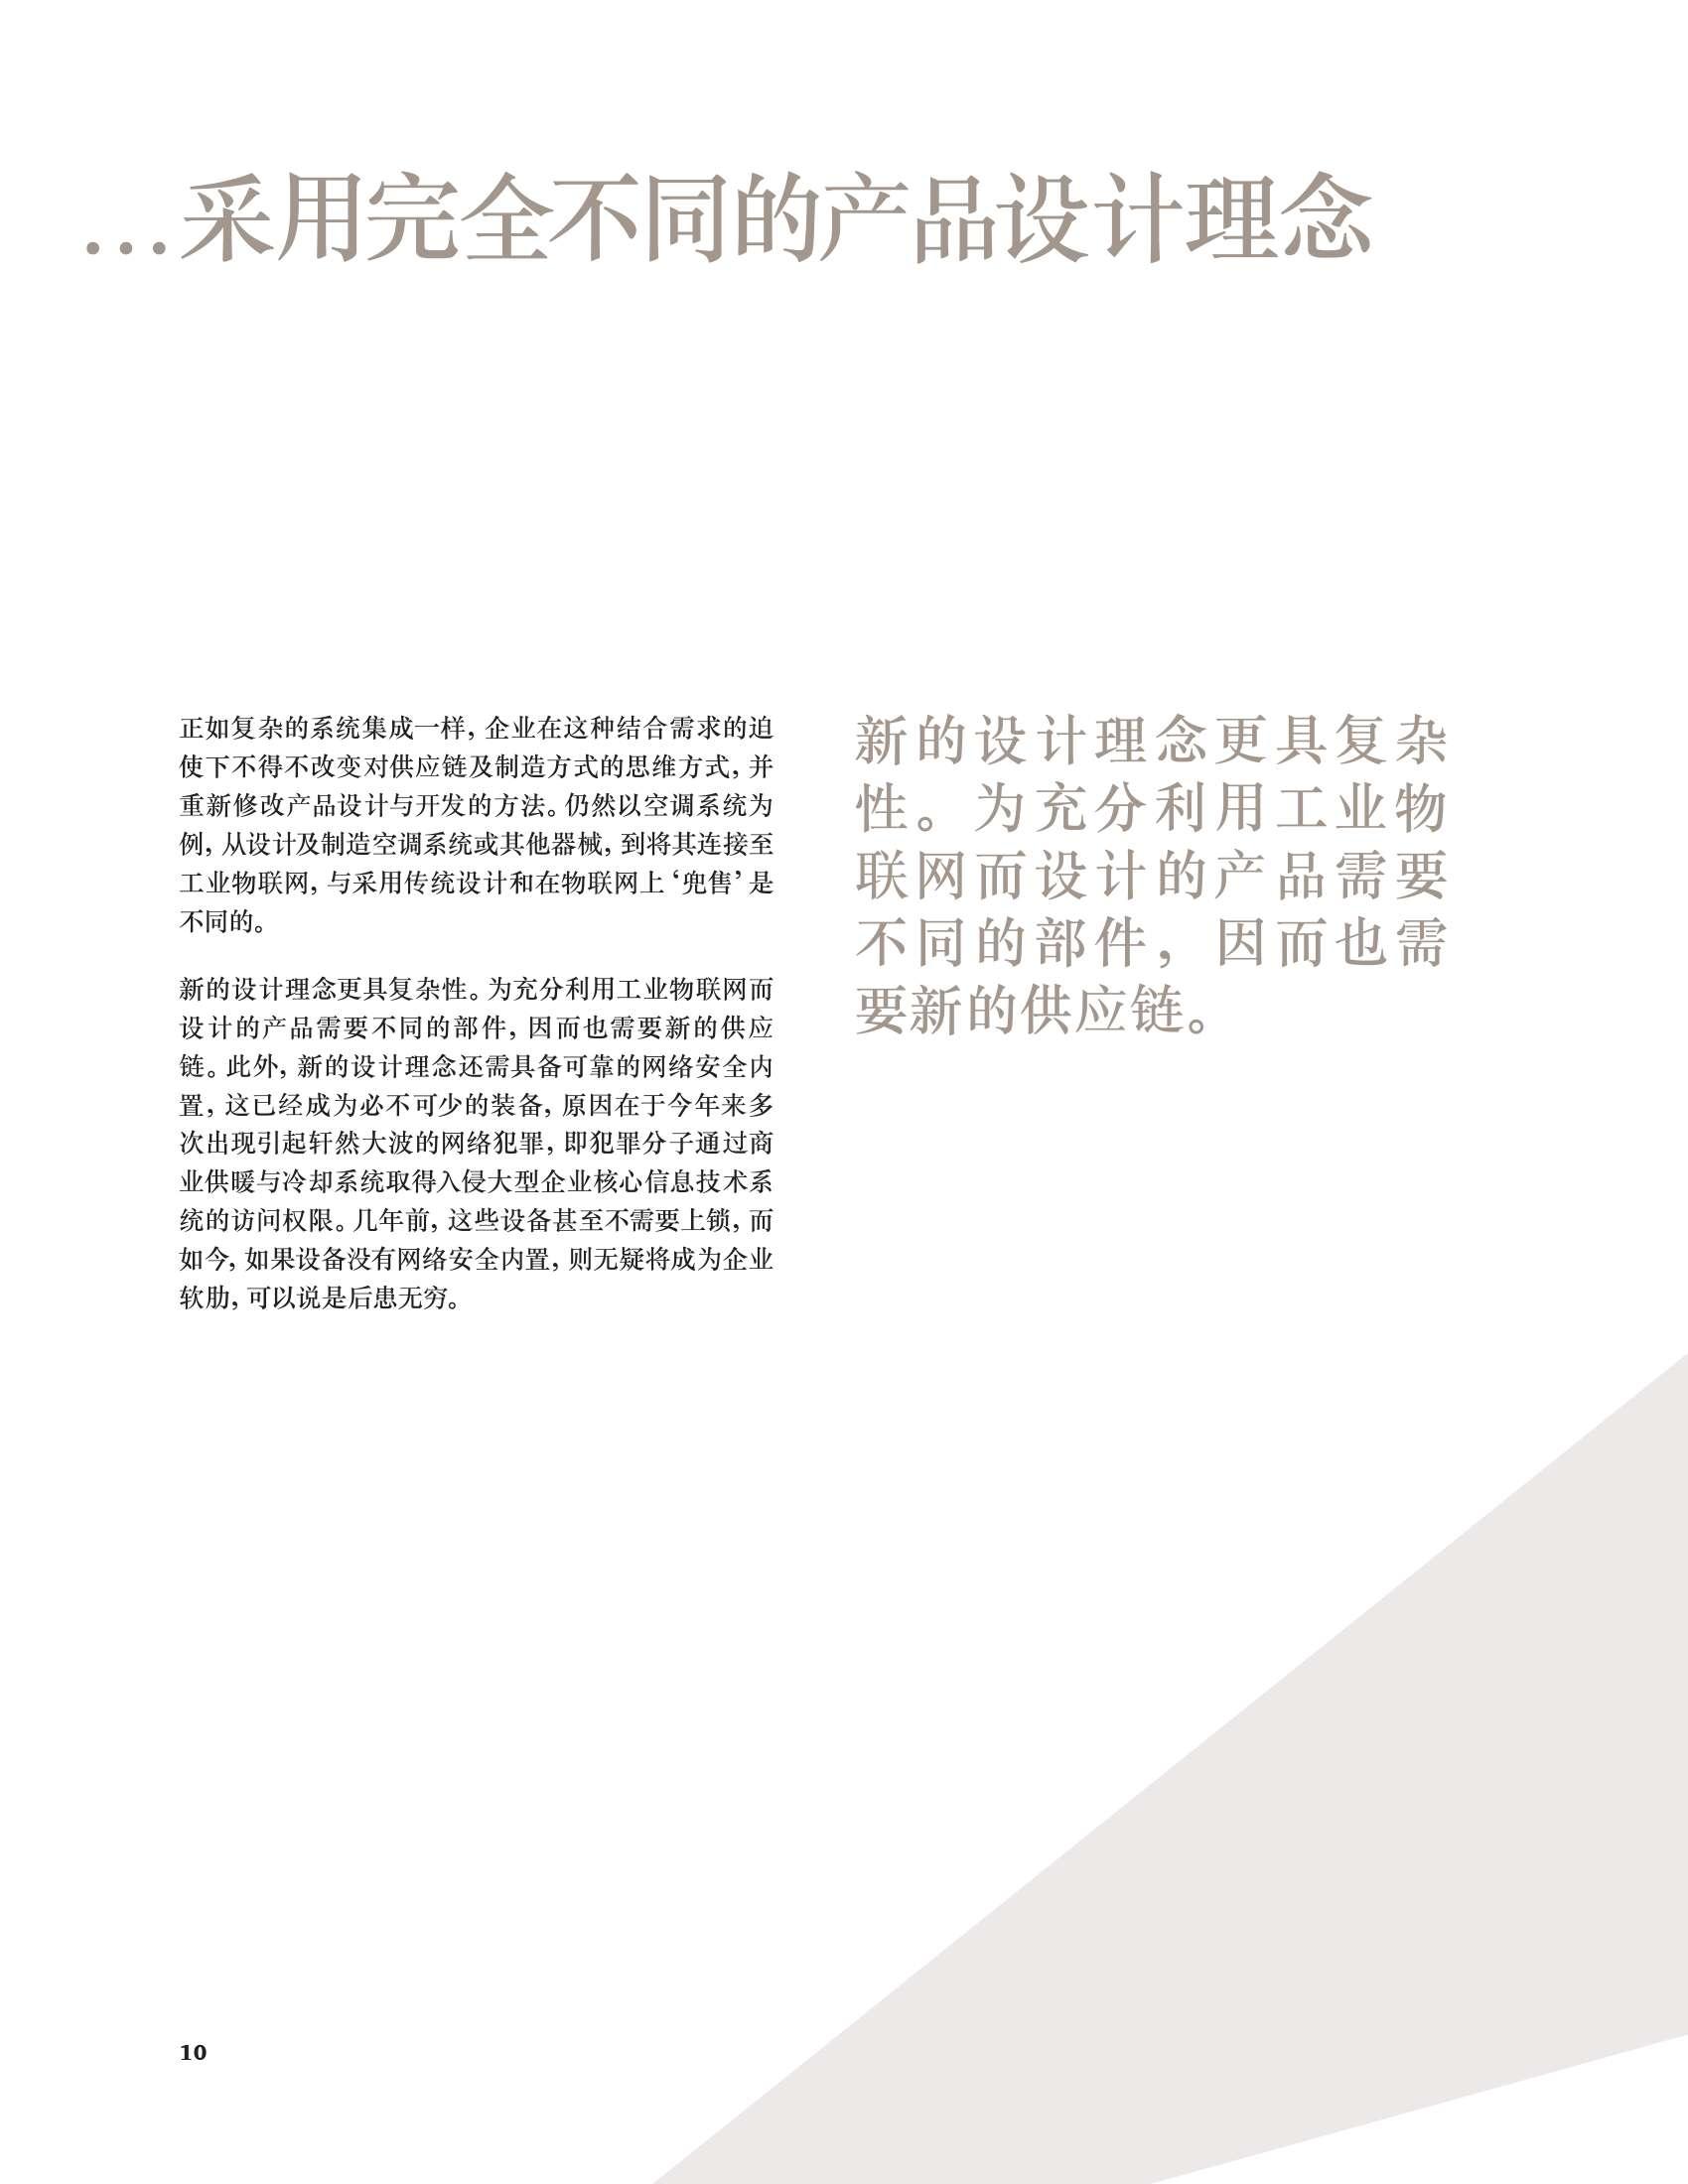 工业互联网_000012